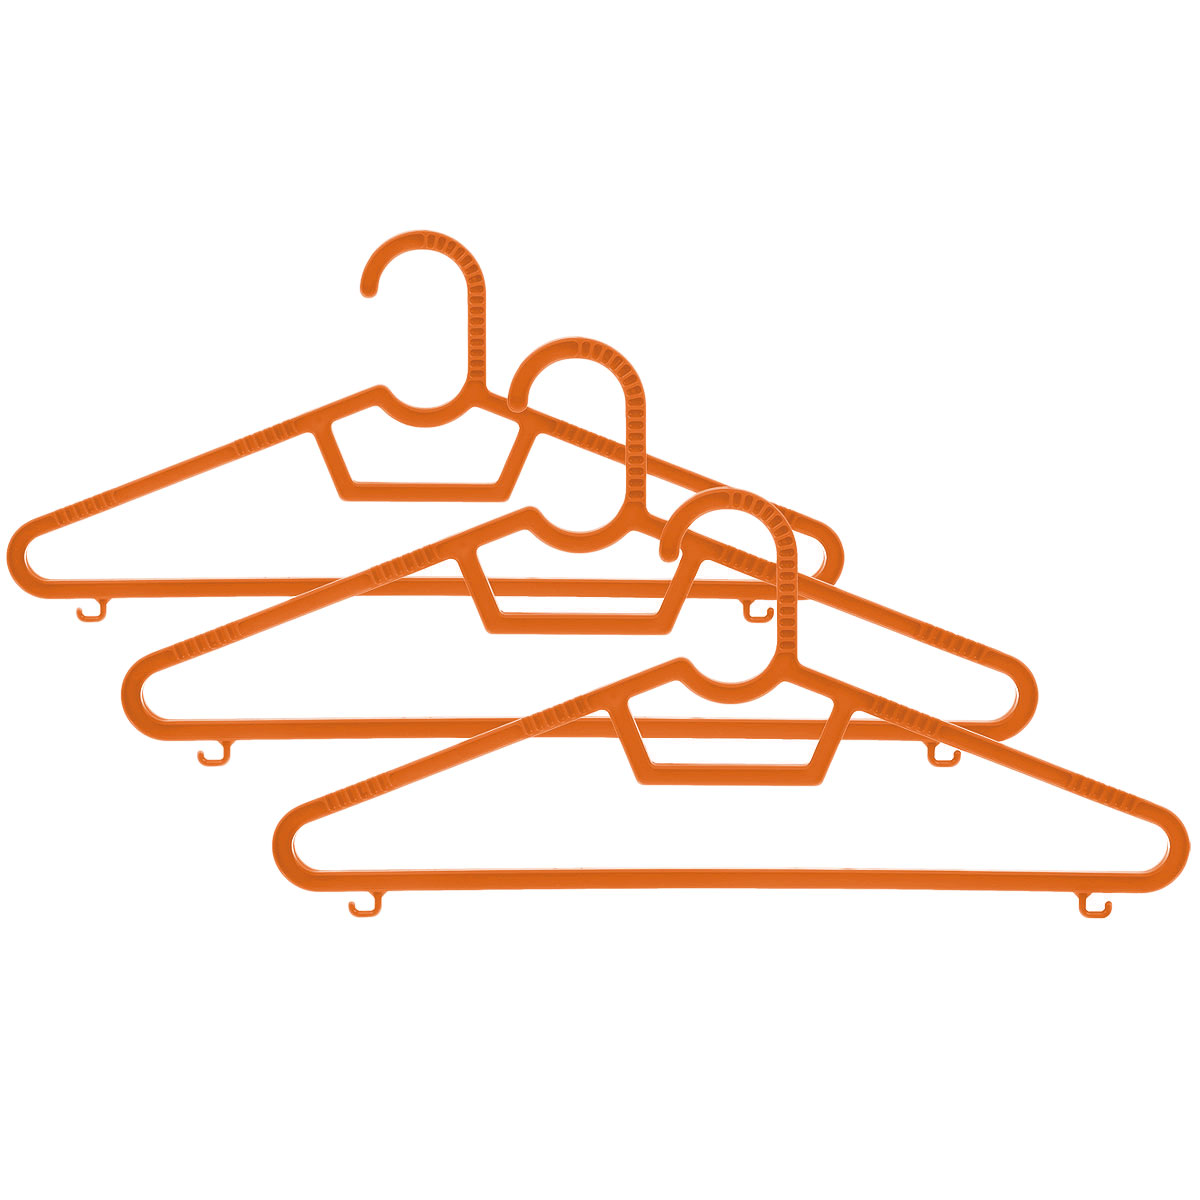 Набор вешалок Полимербыт, цвет: оранжевый, размер 40-42, 3 штС236_оранжевыйНабор вешалок Полимербыт выполнен из пластика. Изделия оснащены перекладинами и крючками. Вешалка - это незаменимая вещь для того, чтобы ваша одежда всегда оставалась в хорошем состоянии.Комплектация: 3 шт. Размер одежды: 40-42.